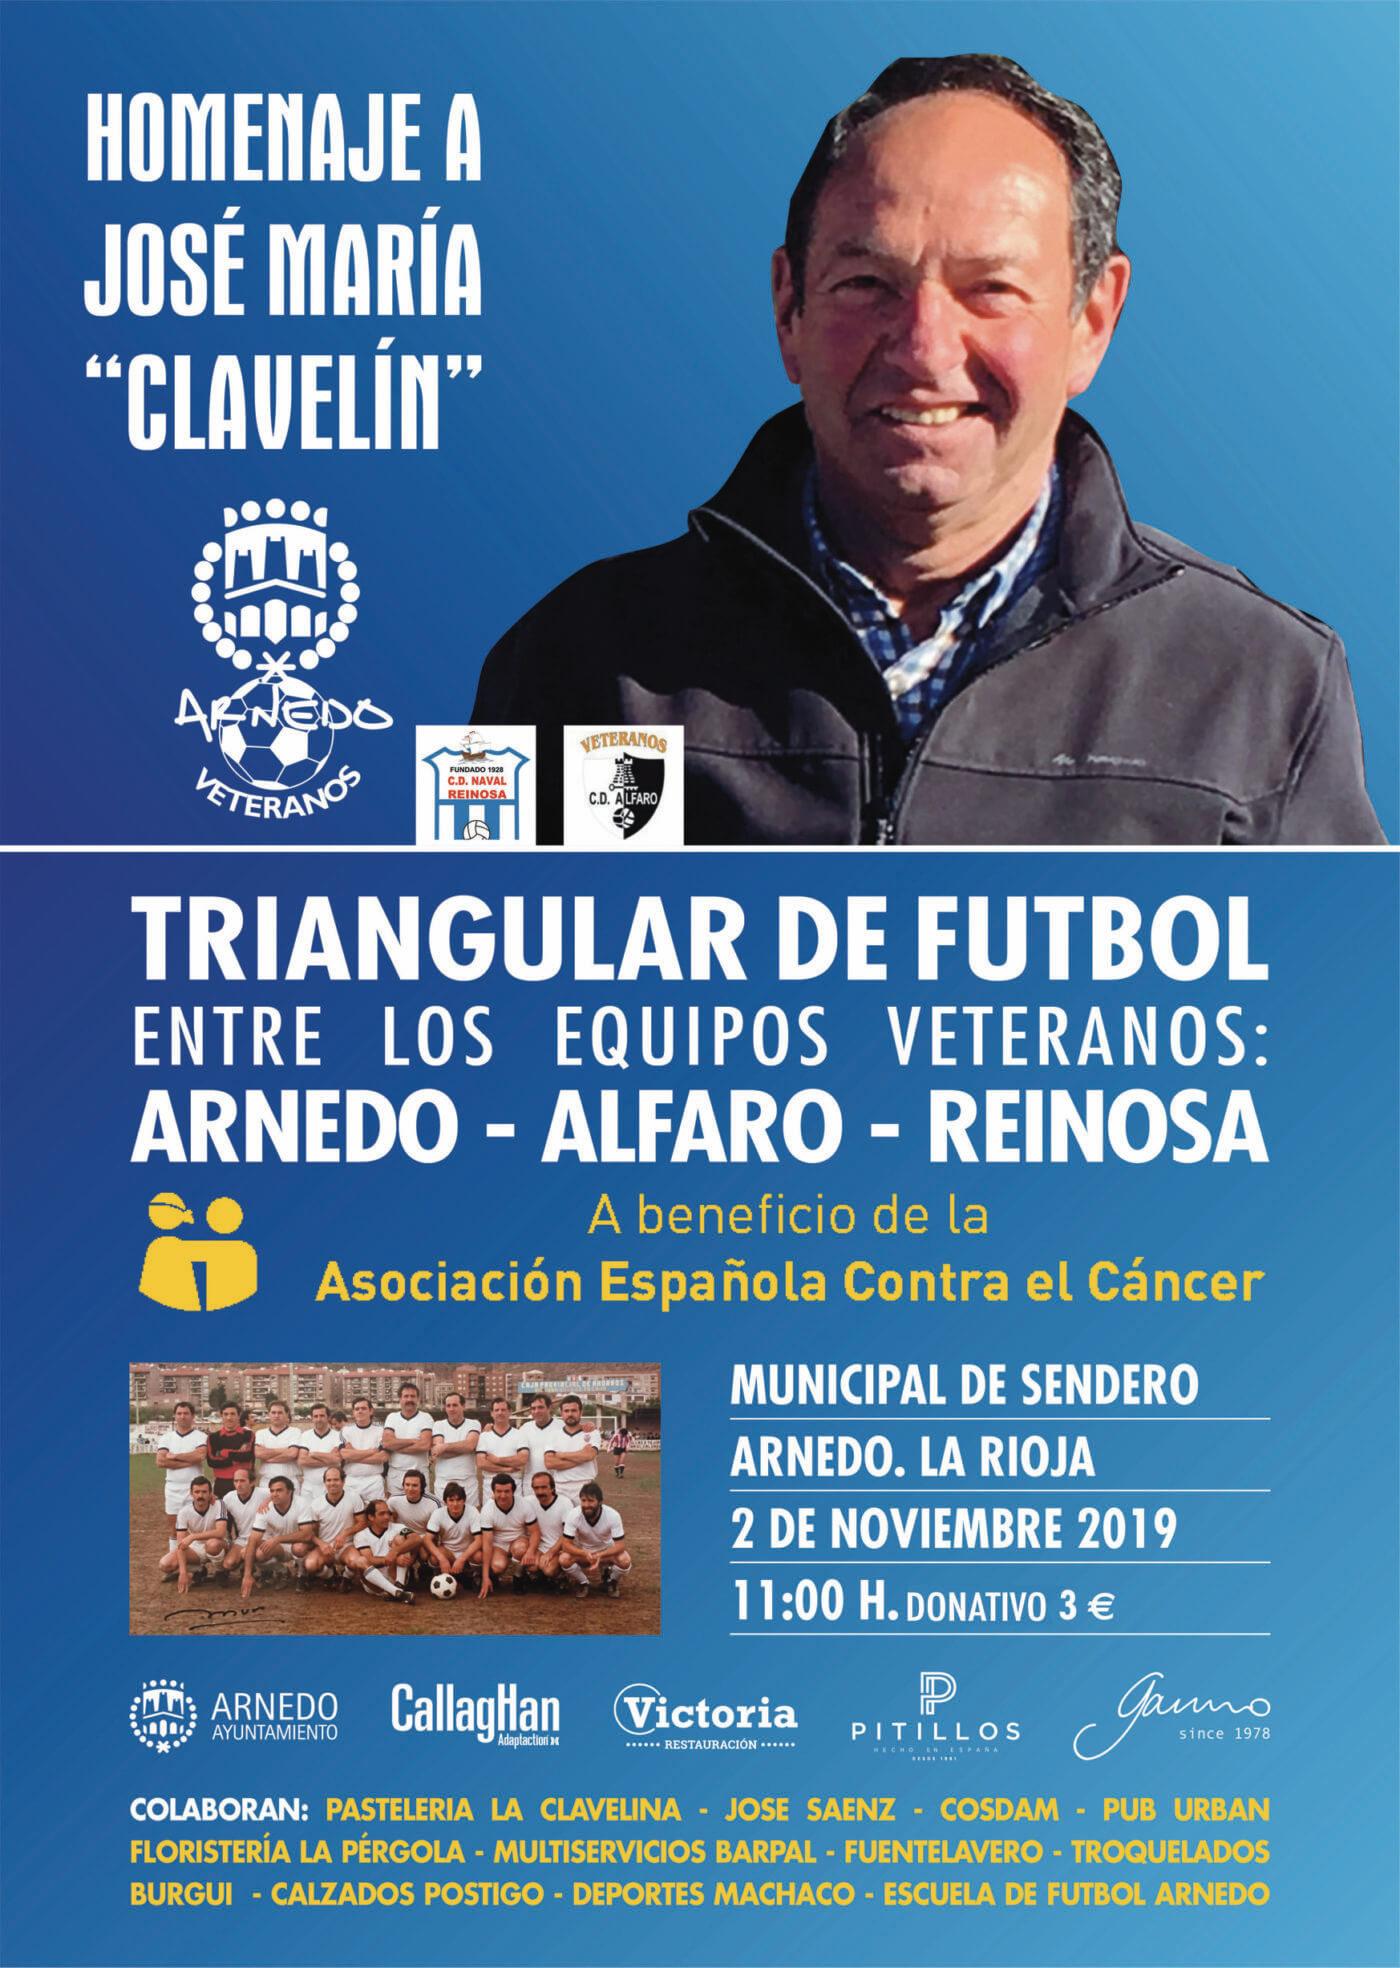 Un triangular de fútbol de veteranos homenajeará a José María de Blas 'Clavelín'